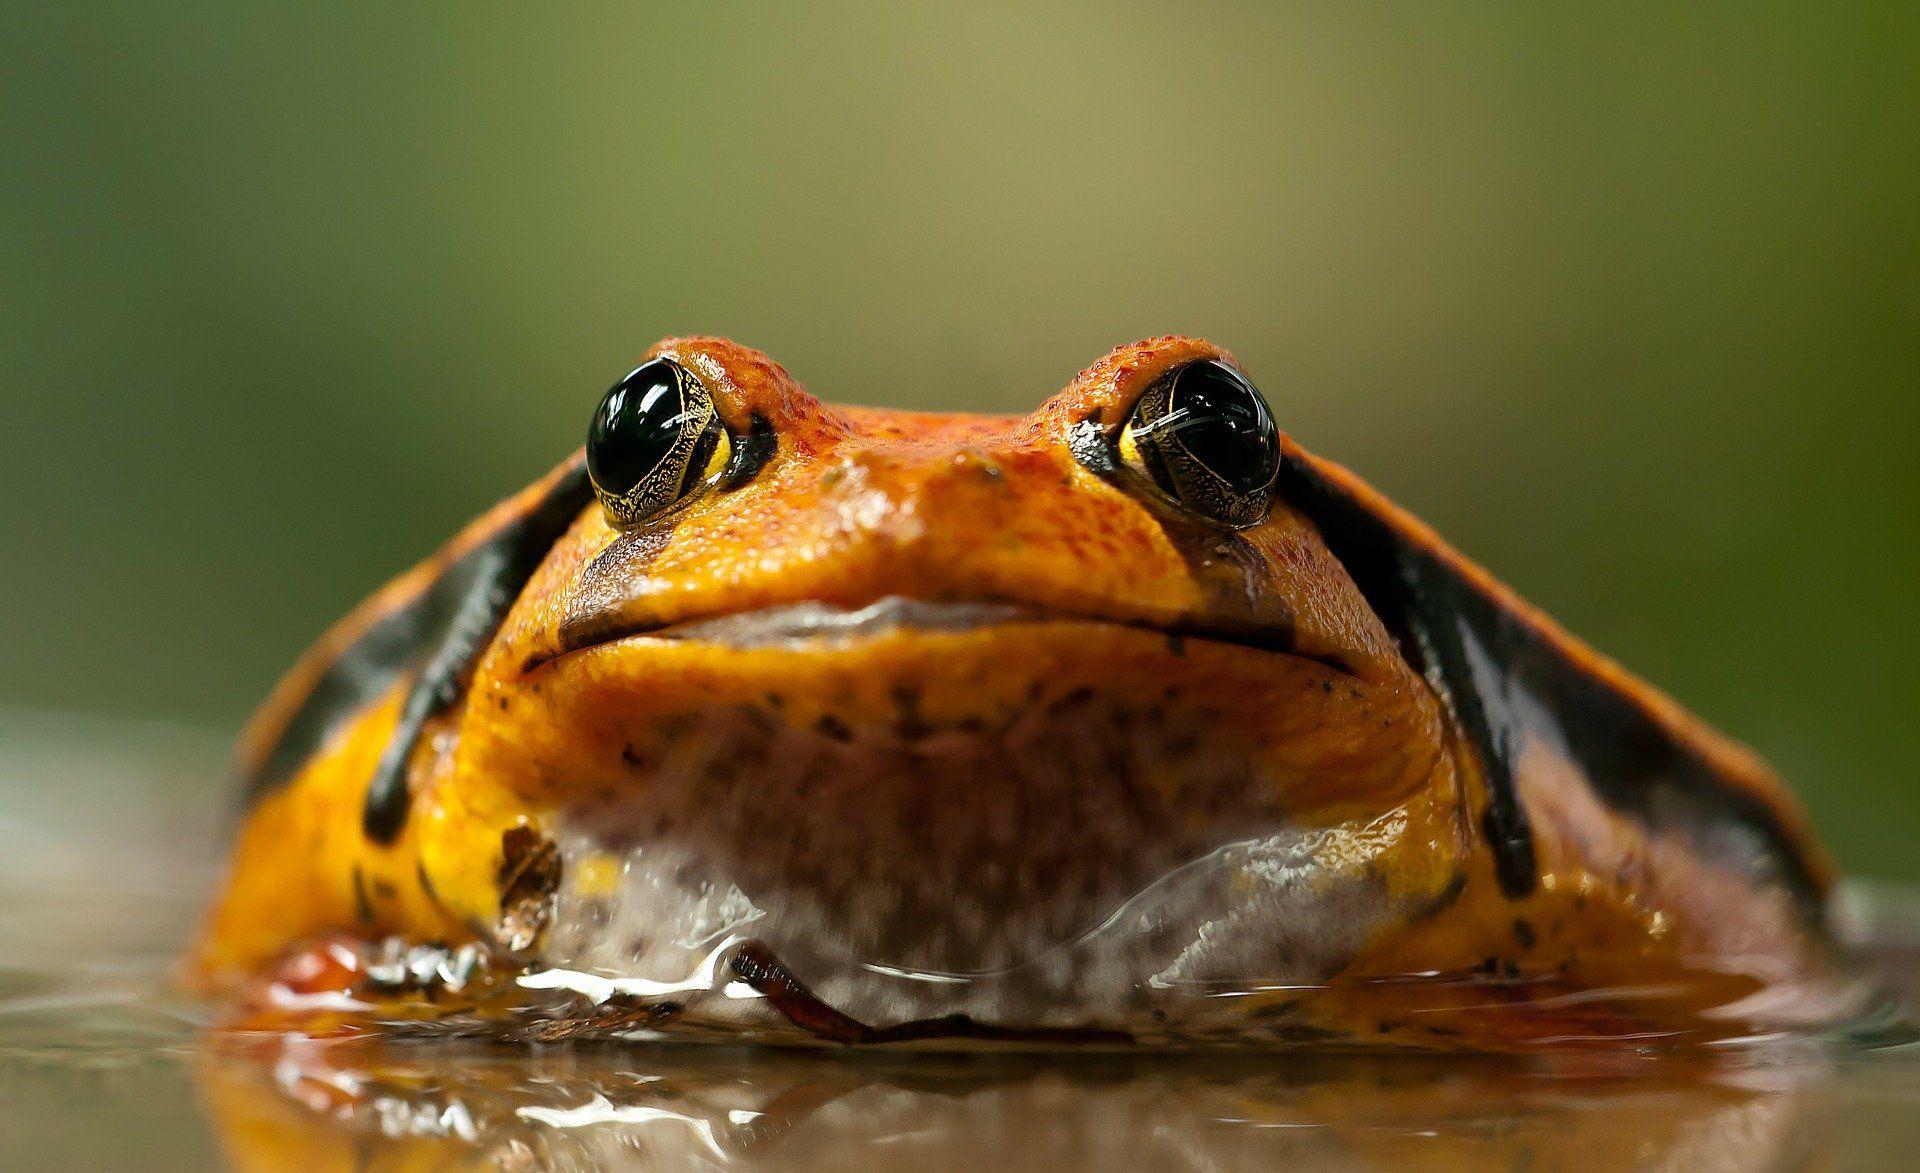 Скачать бесплатно необычную картинку красивой жабы